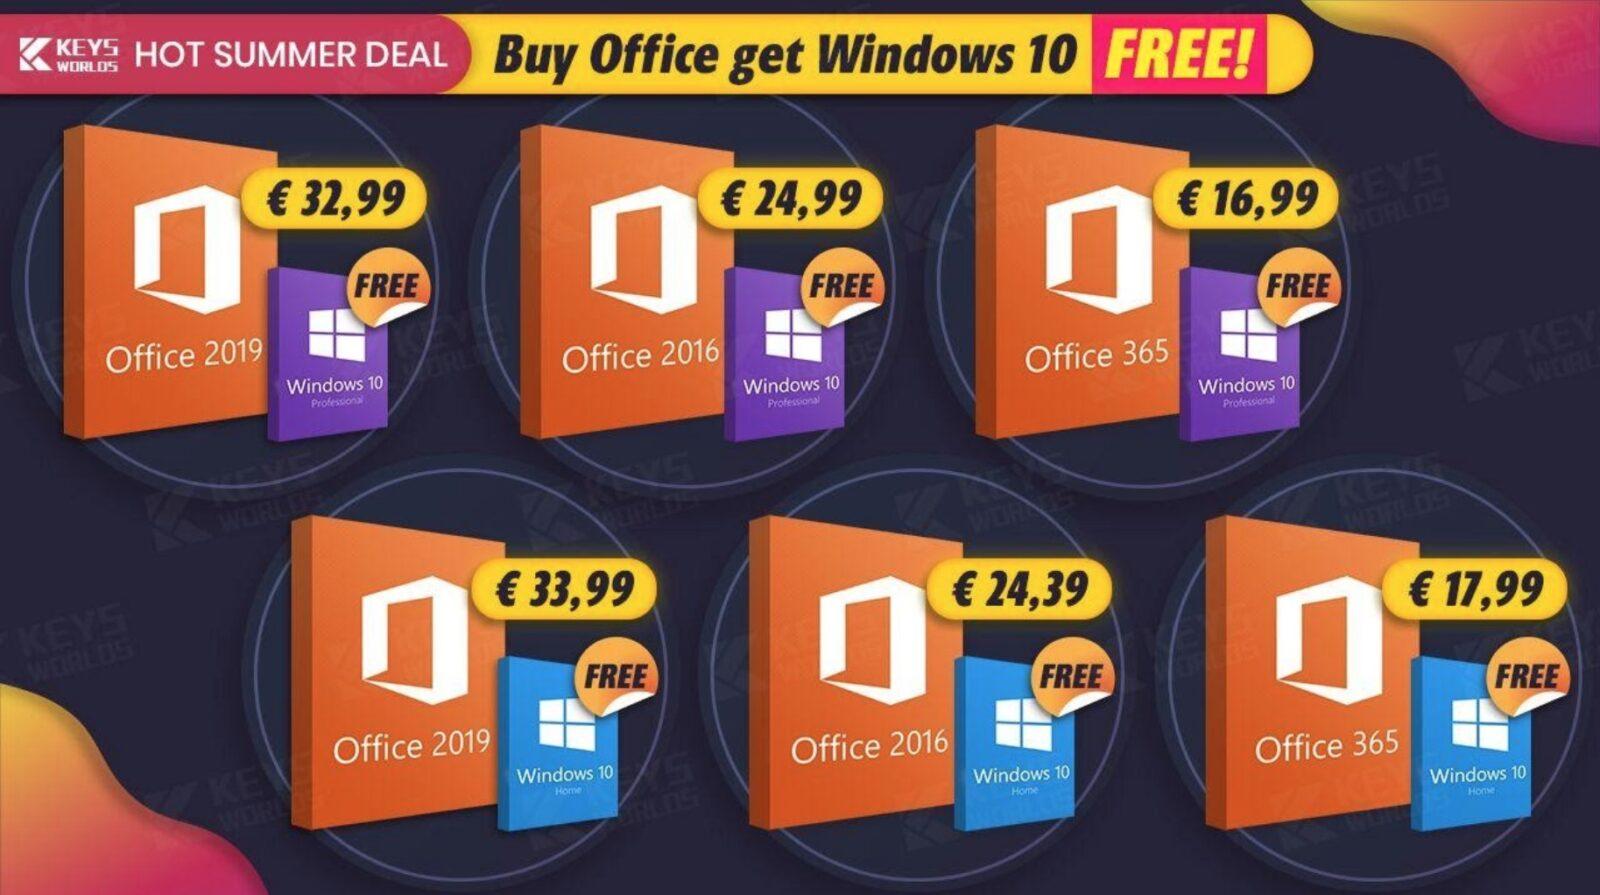 Windows 10 gratis acquistando Microsoft Office: si parte da soli 16,99 euro su Keysworlds